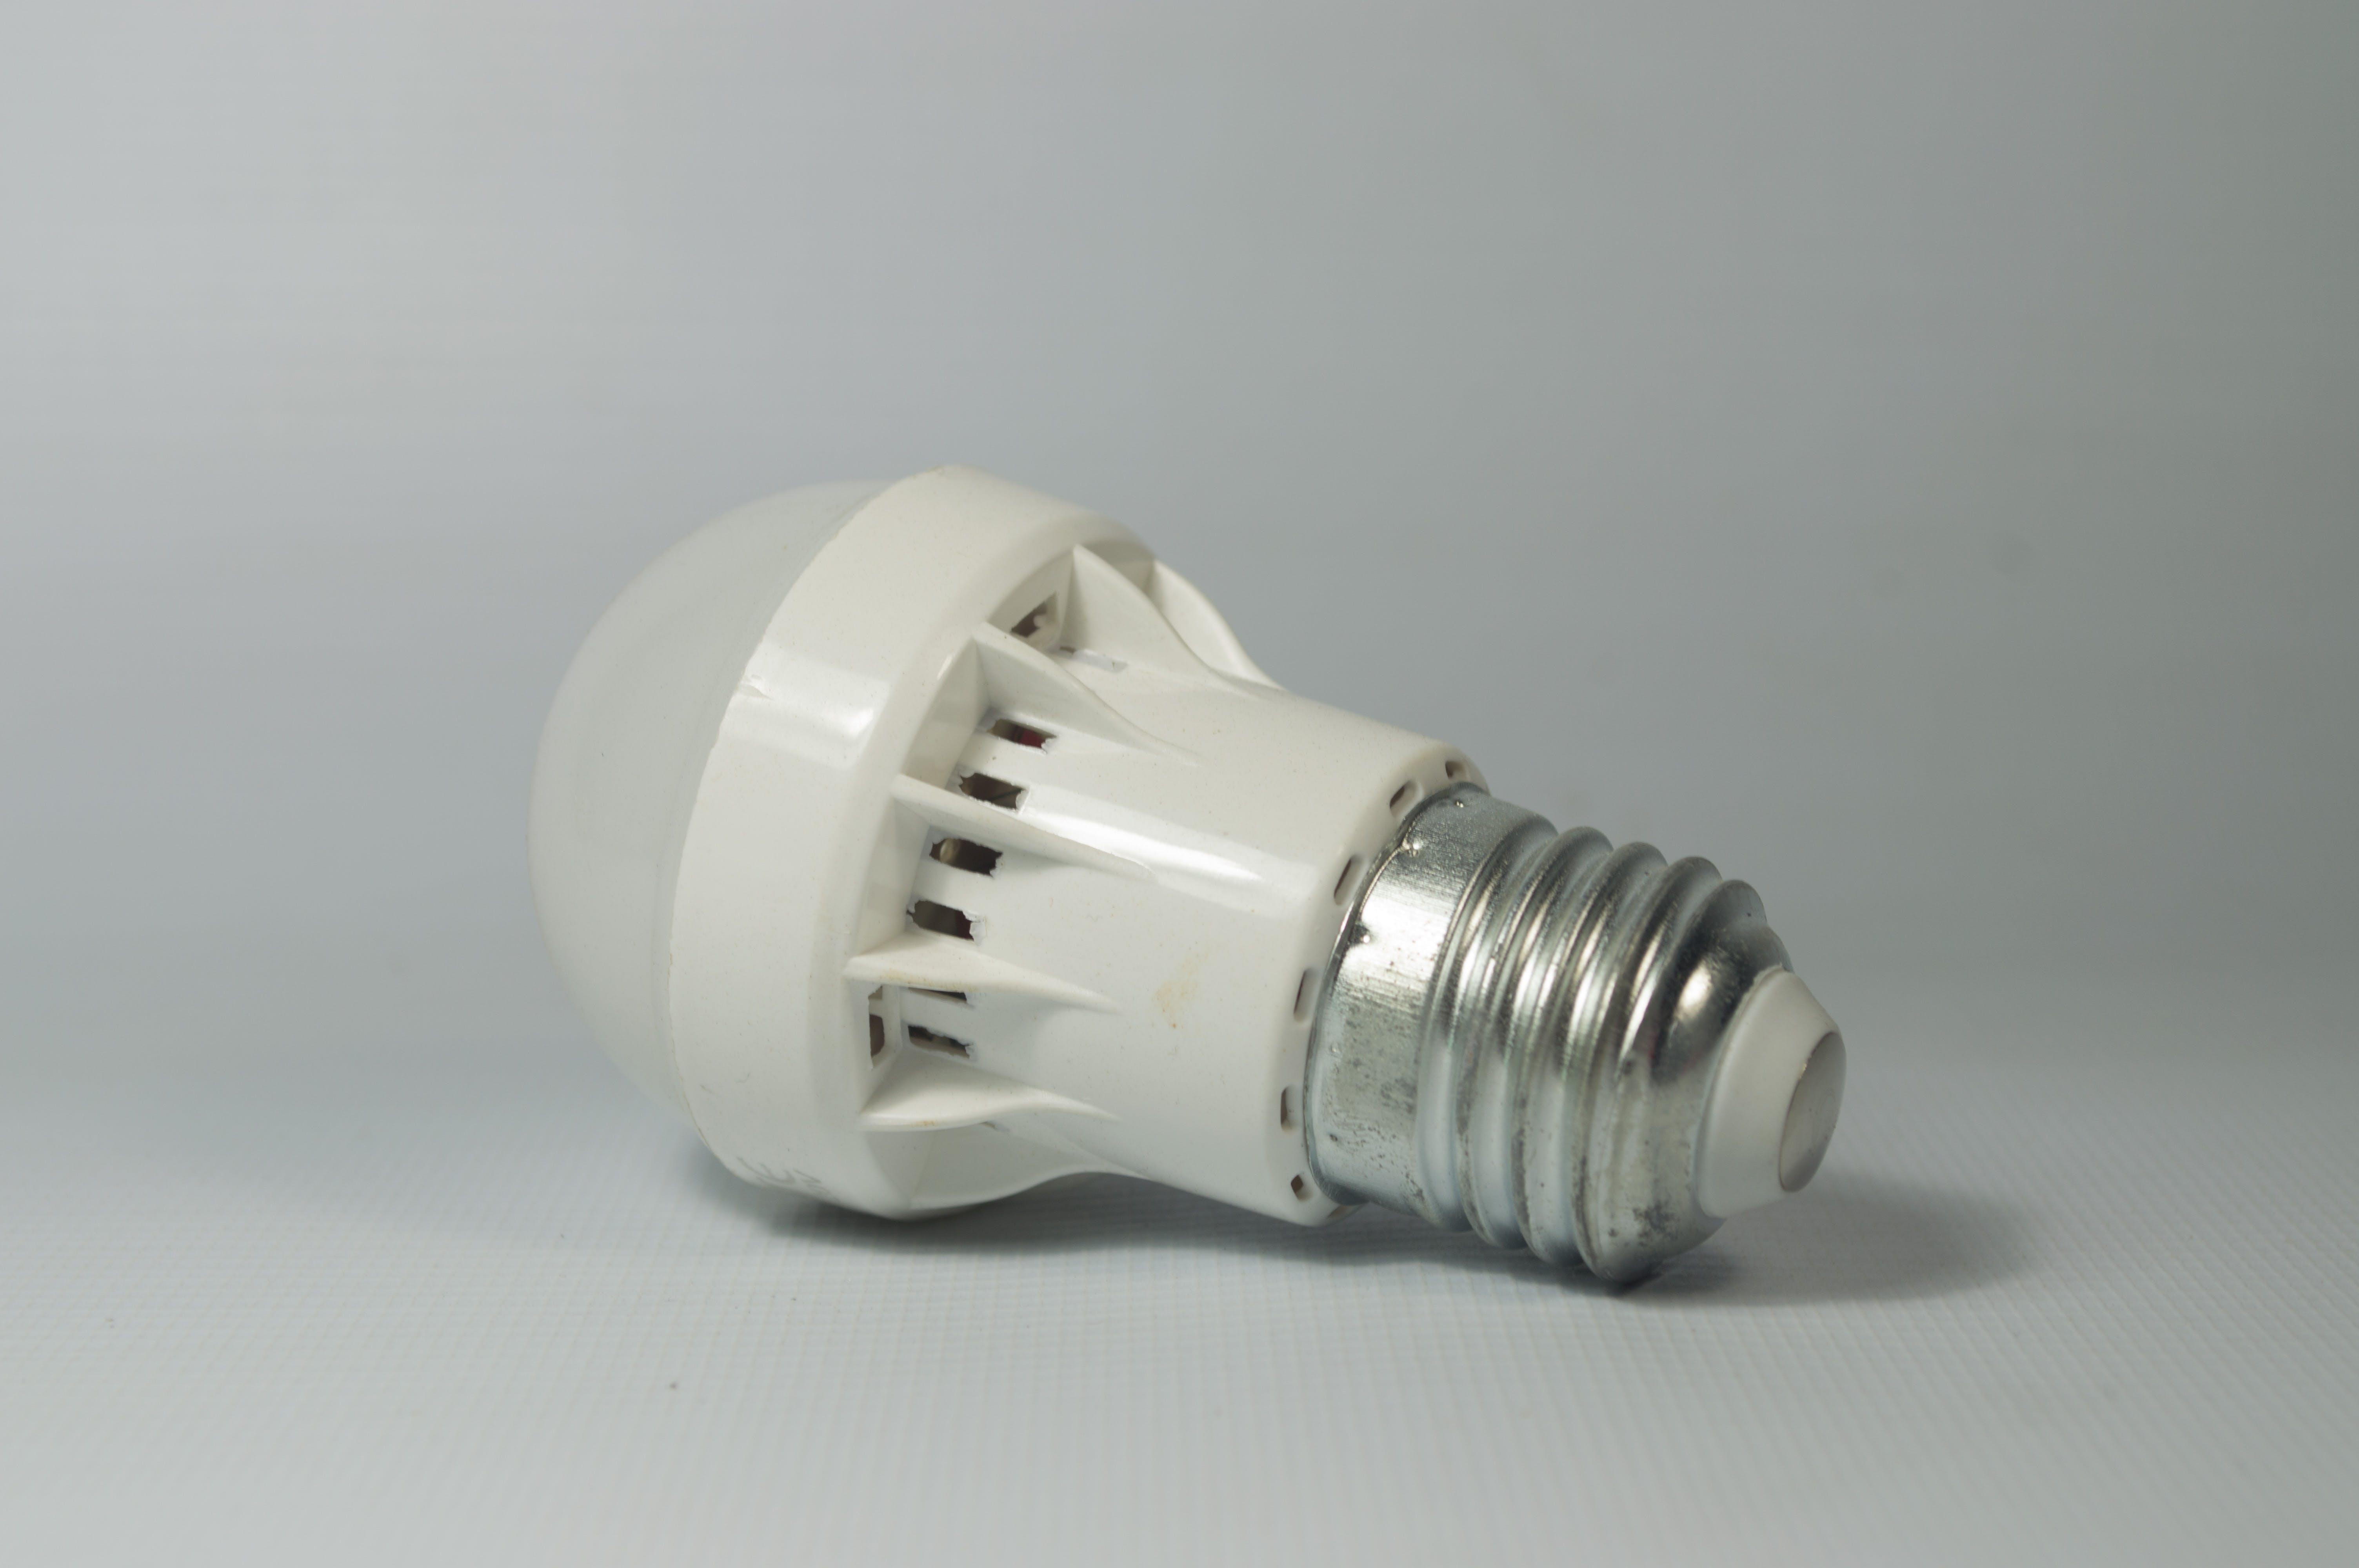 Kostenloses Stock Foto zu lampe, licht, produkt, produktfotografie